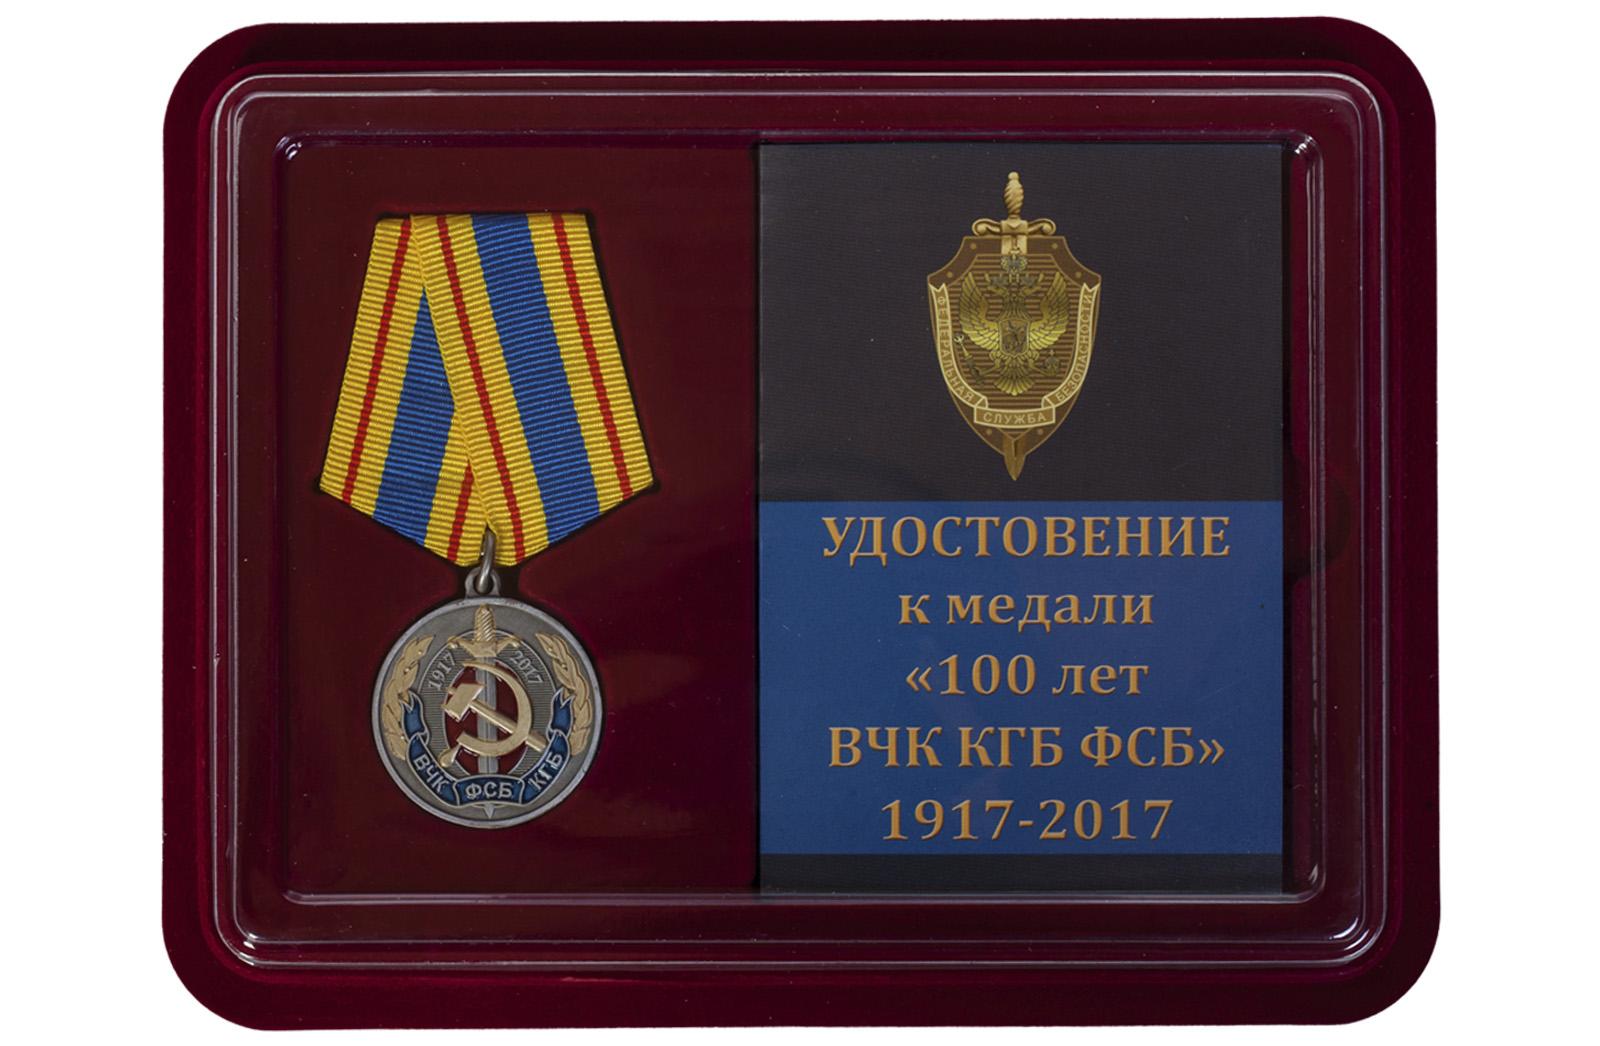 Медаль 100 лет ВЧК-КГБ-ФСБ - в футляре с удостоверением